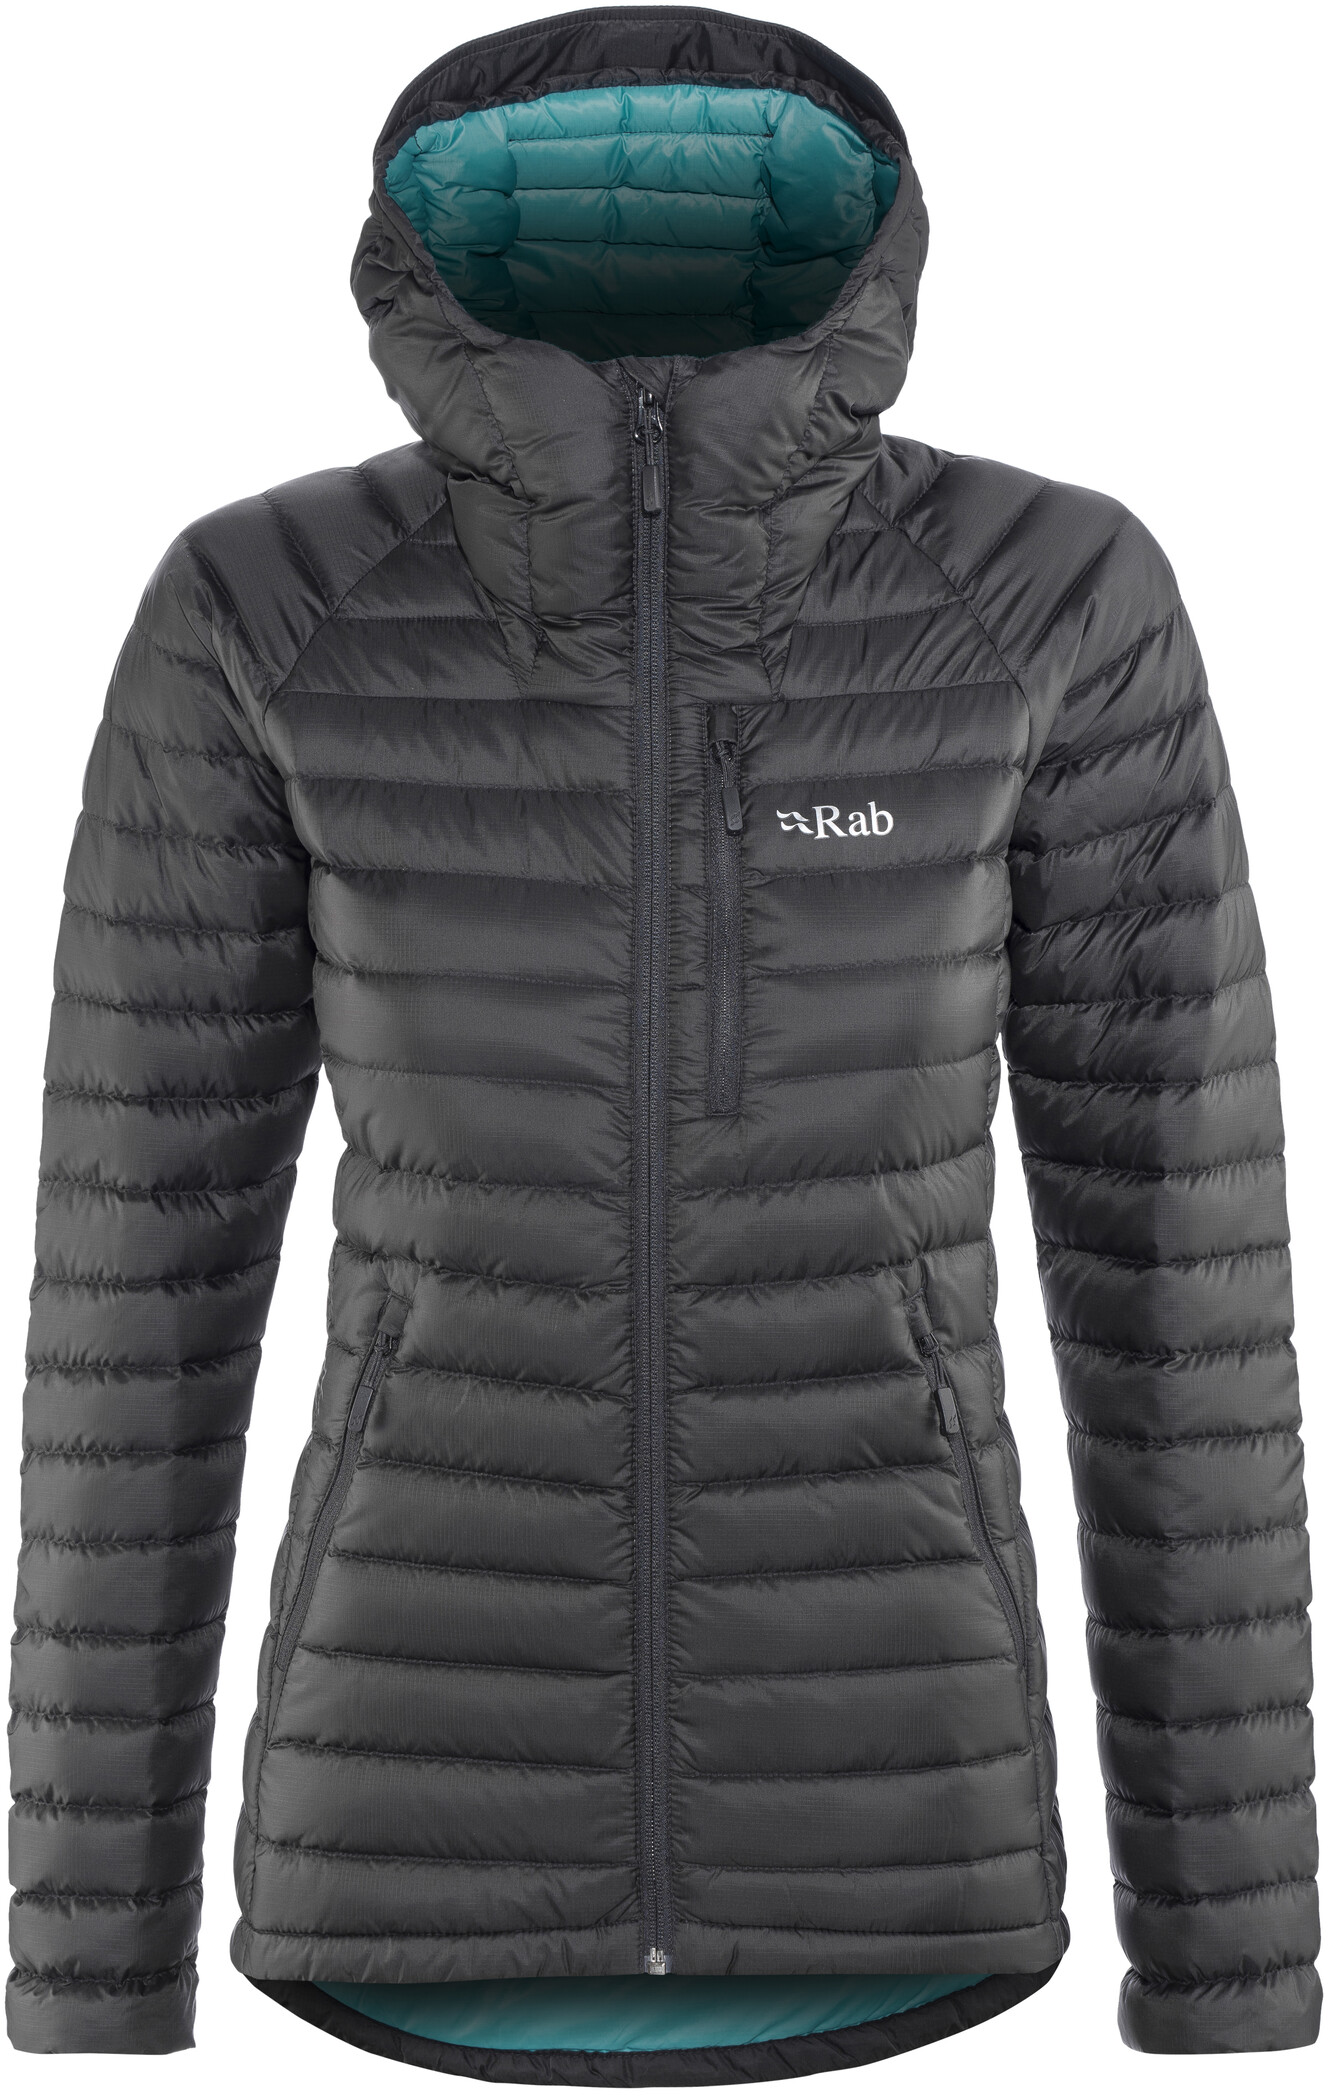 RAB Microlight Alpine Jacket Damen Black//Seaglass 2019 Funktionsjacke